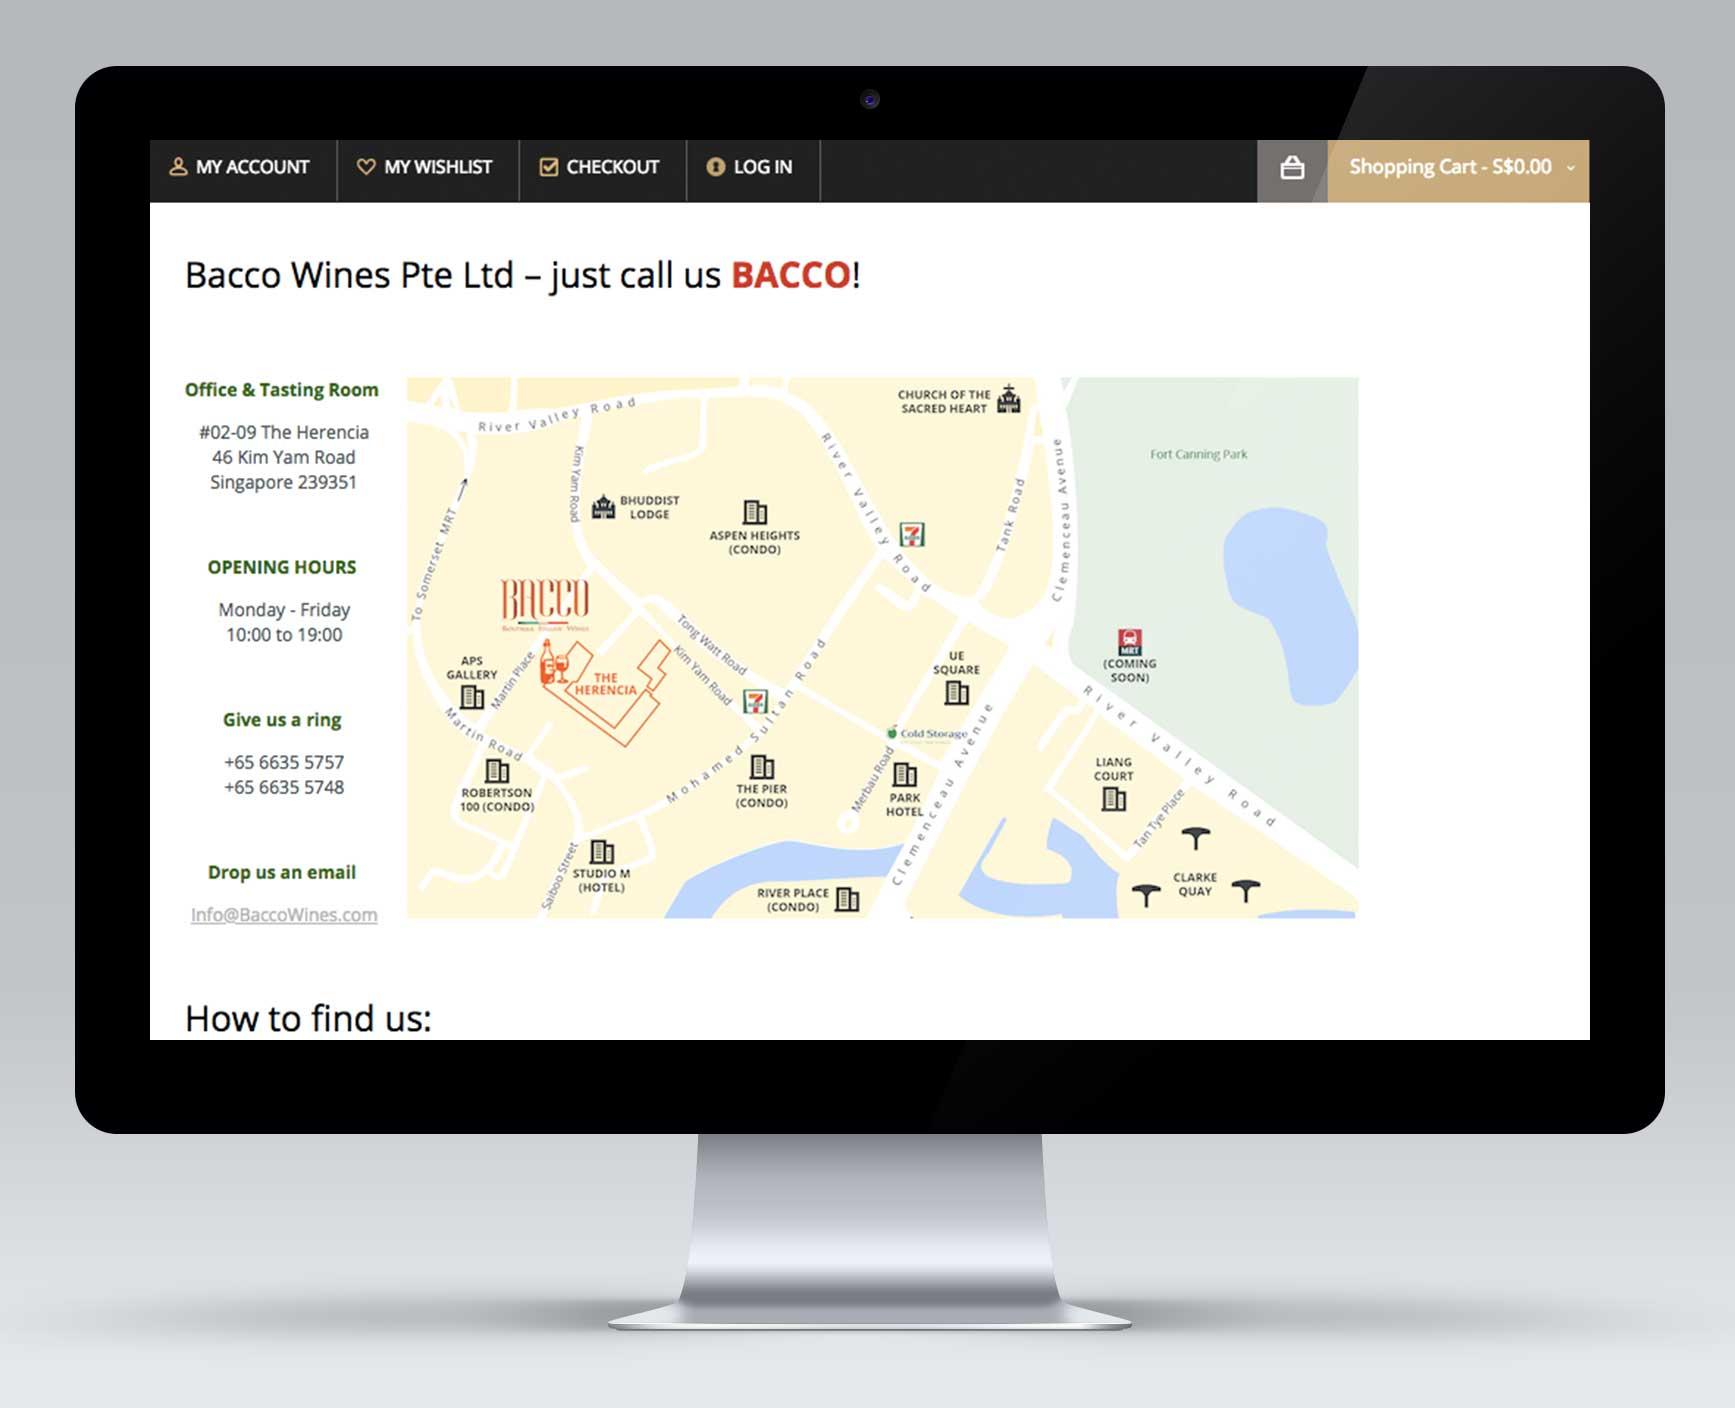 Carte de localisation -